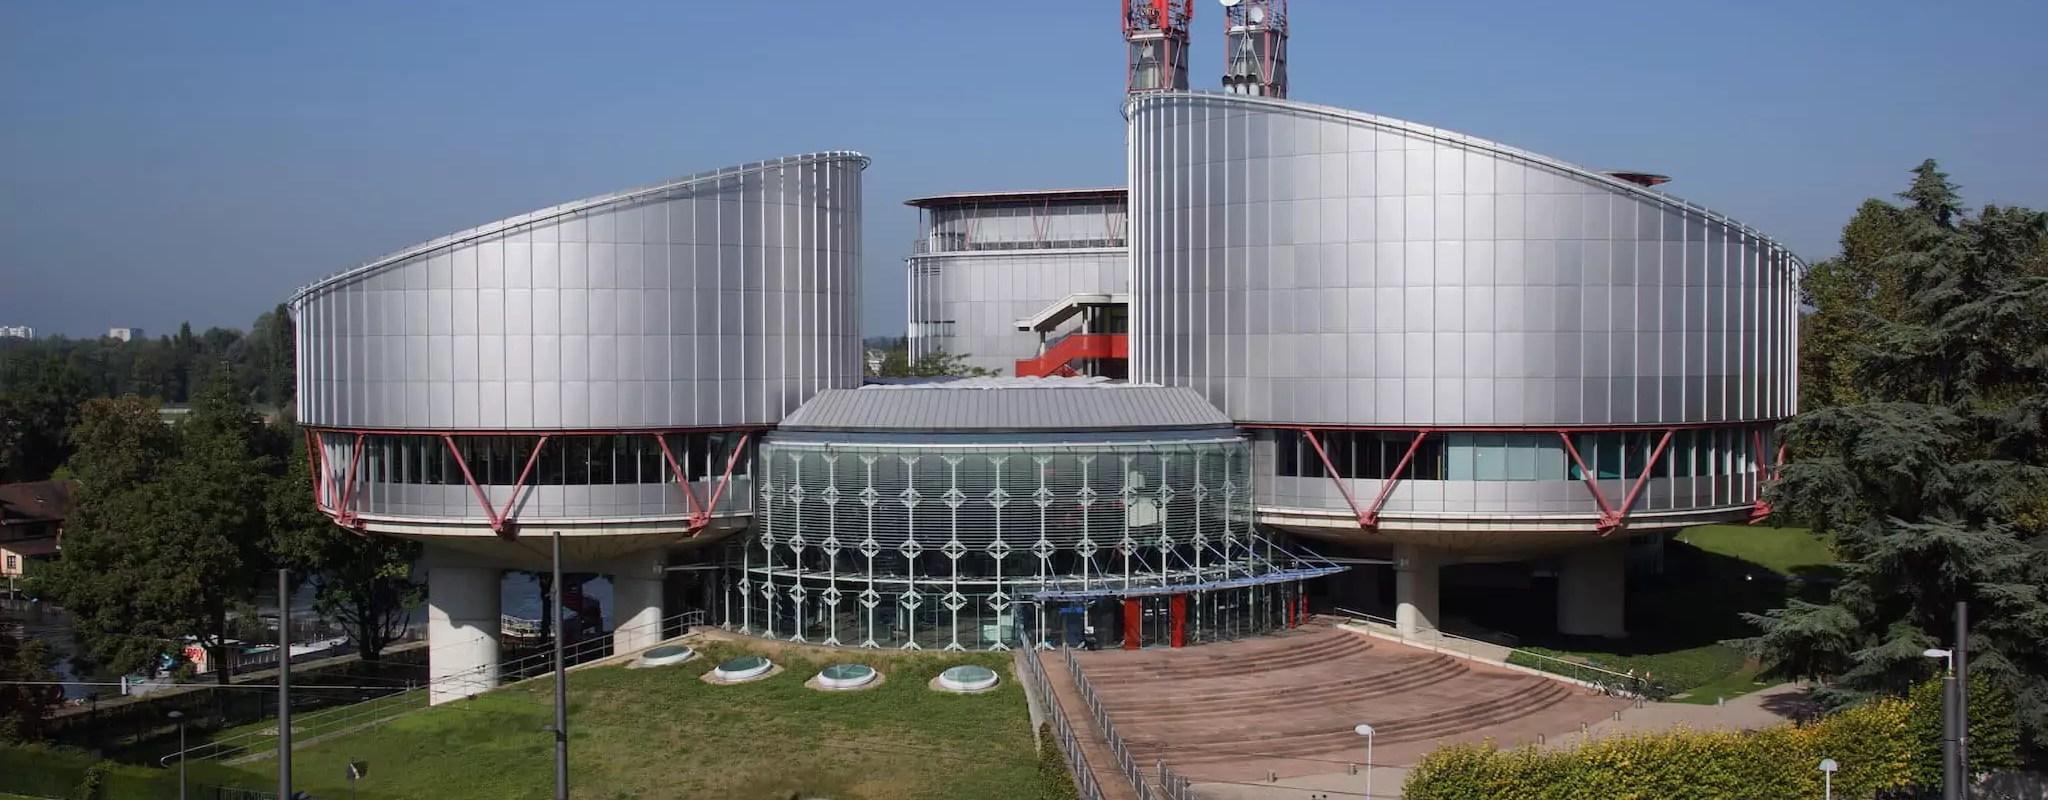 Comment sont traitées les 1000 requêtes par jour à la Cour européenne des droits de l'Homme